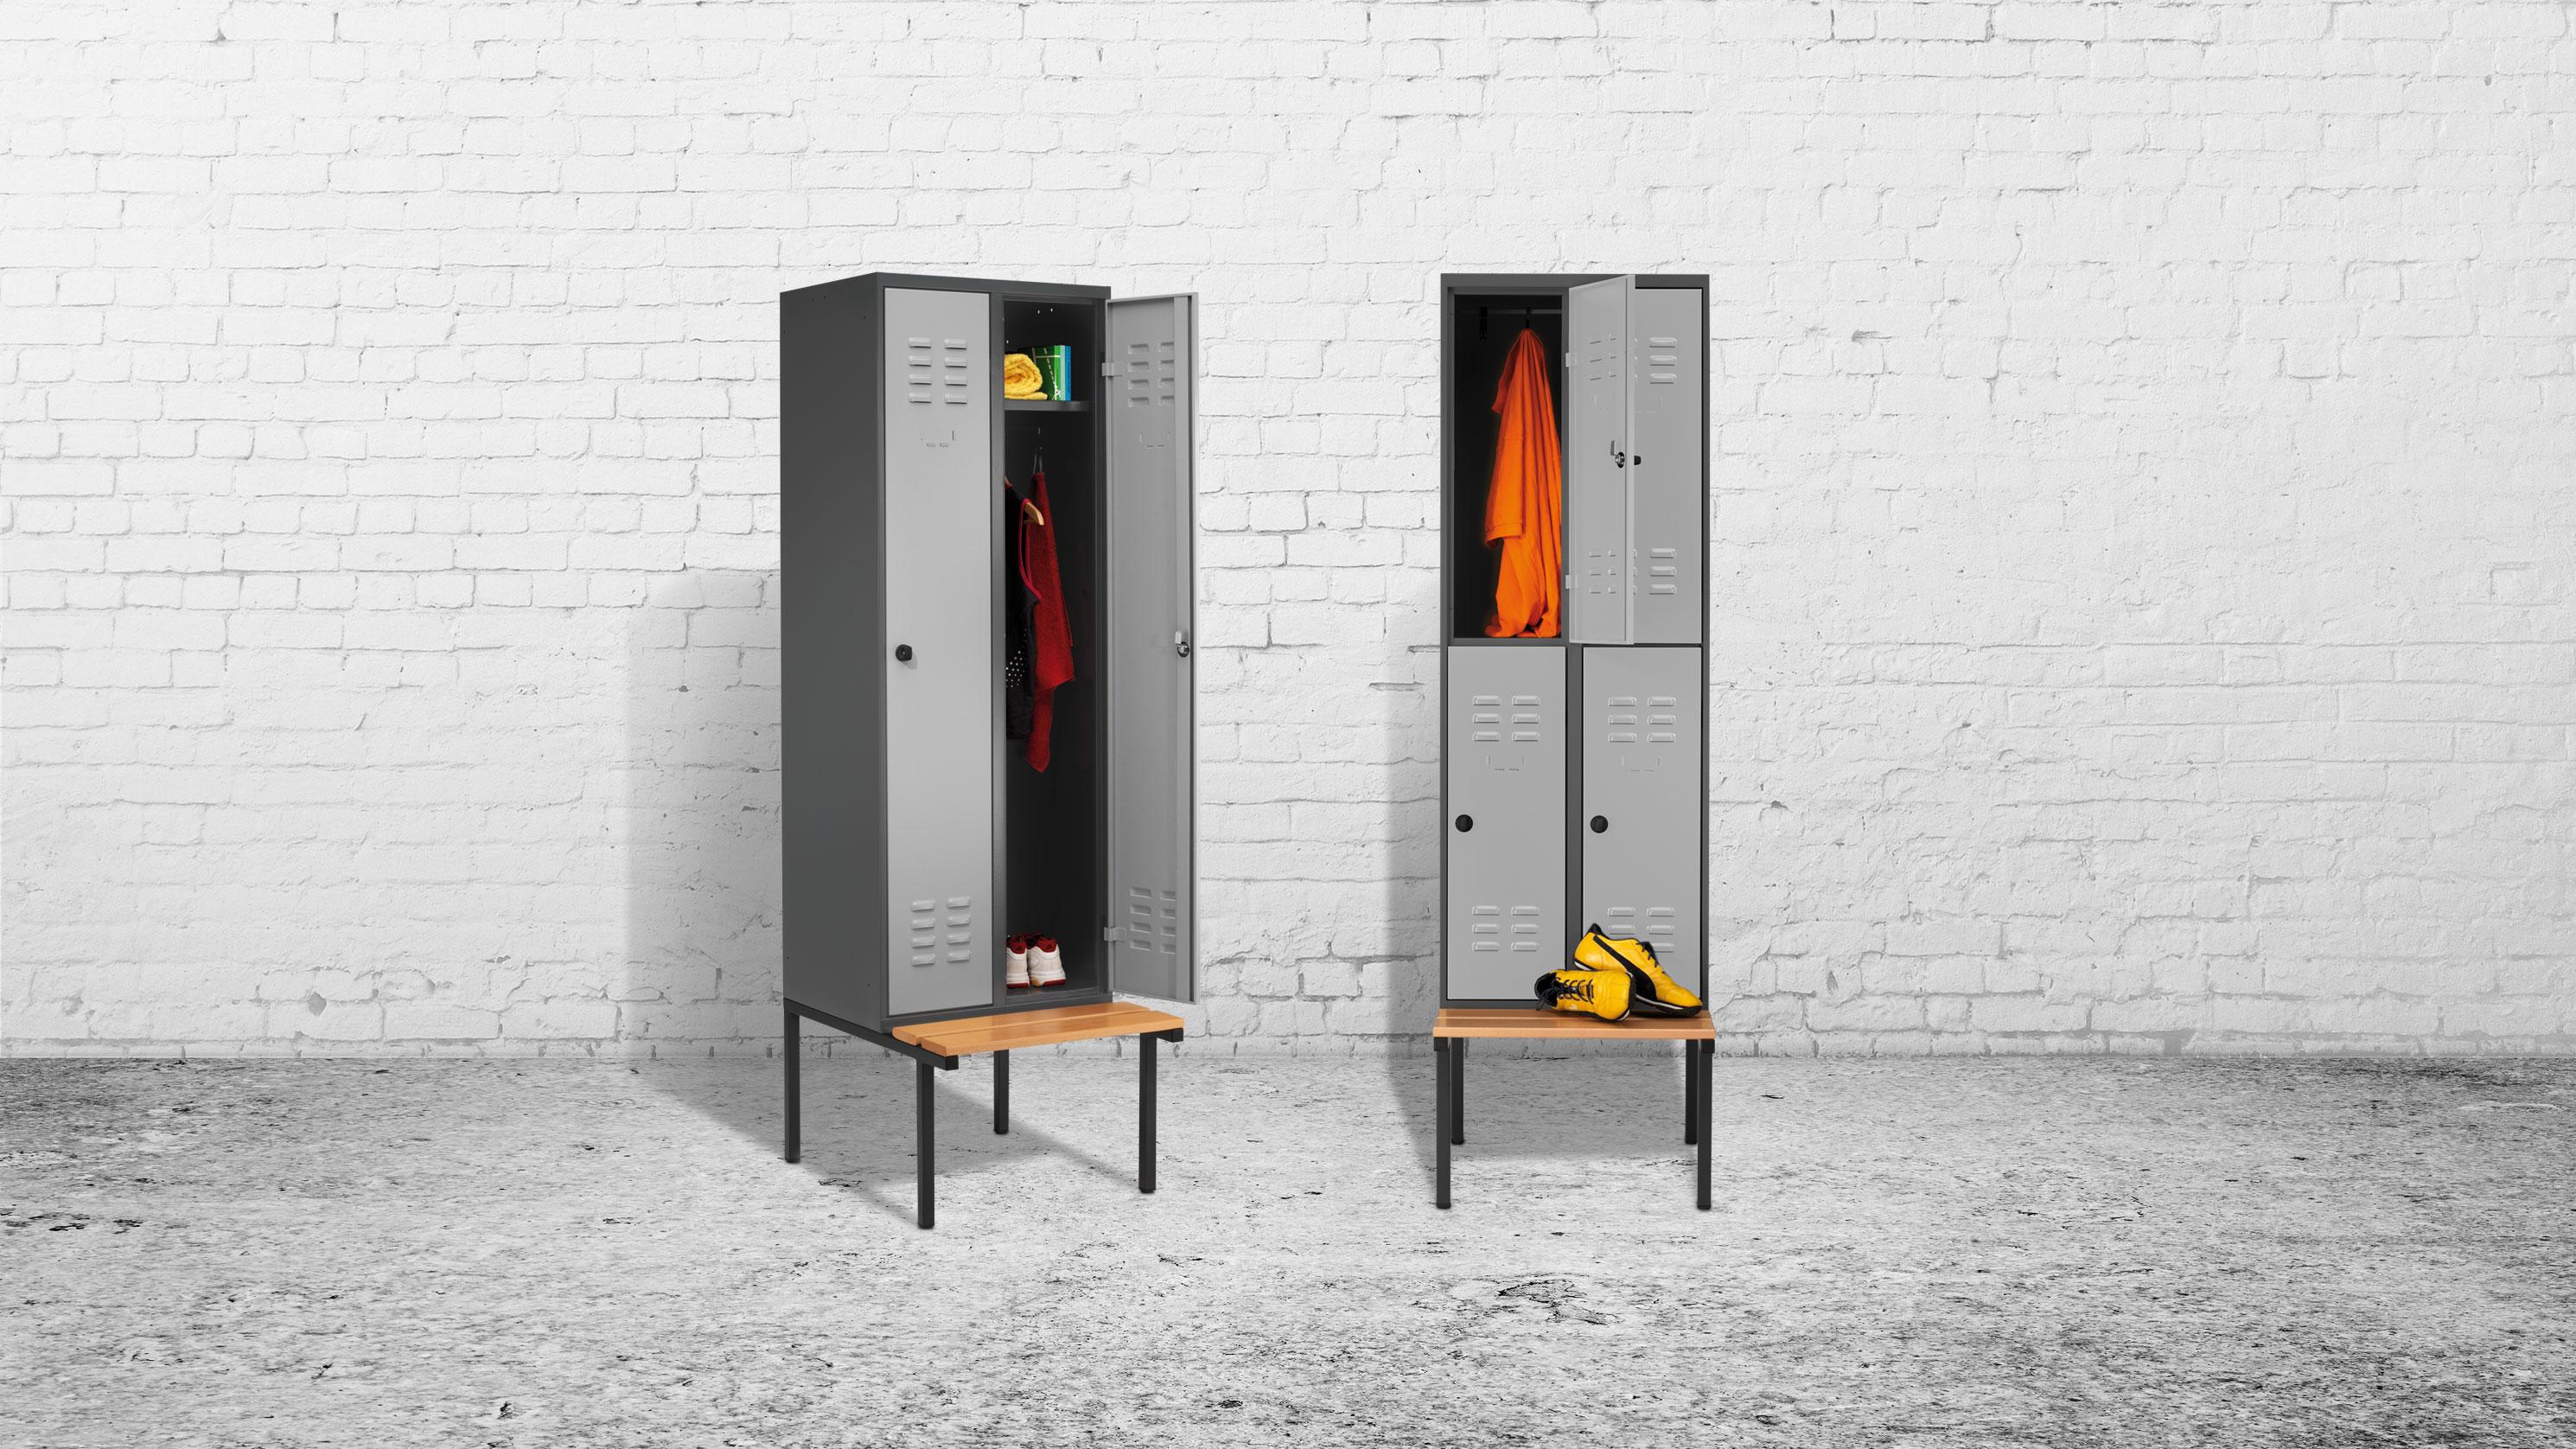 Schranksysteme-Garderobenschrank-Sitzgelegenheit-double-sitkit-GS-mauser-16-9